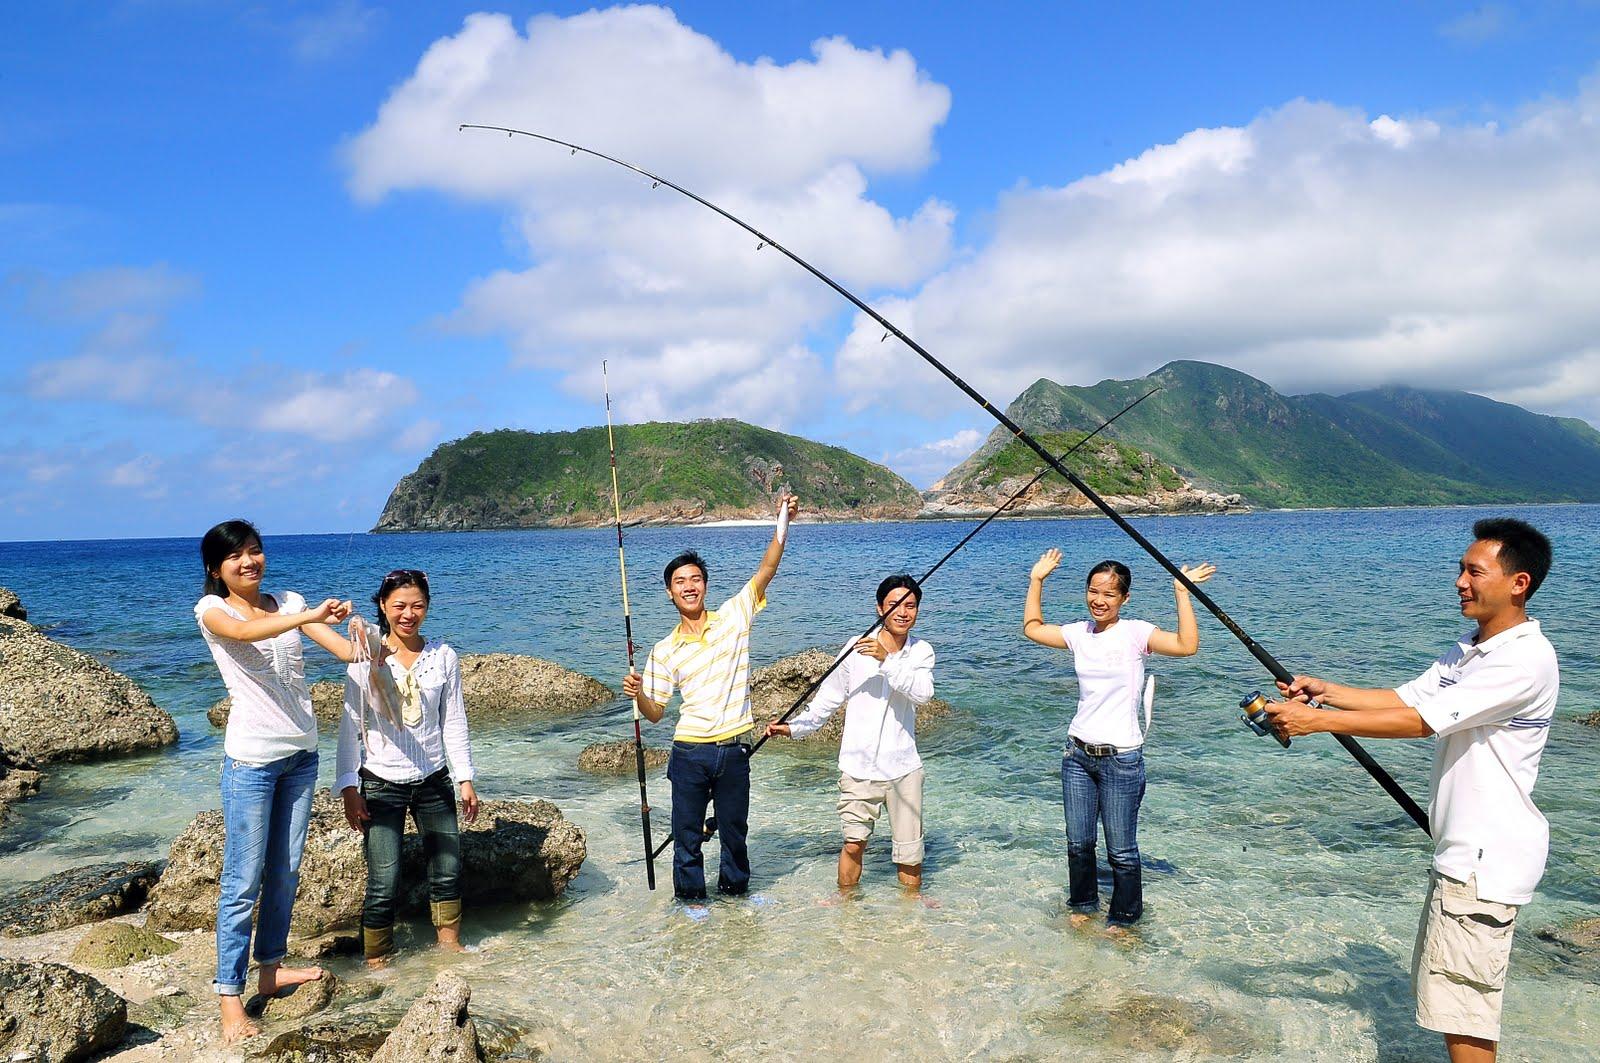 Kinh nghiệm du lịch đảo Hòn Thơm, Phú Quốc: Vi vu khắp đảo chỉ tốn khoảng 1,5 triệu đồng